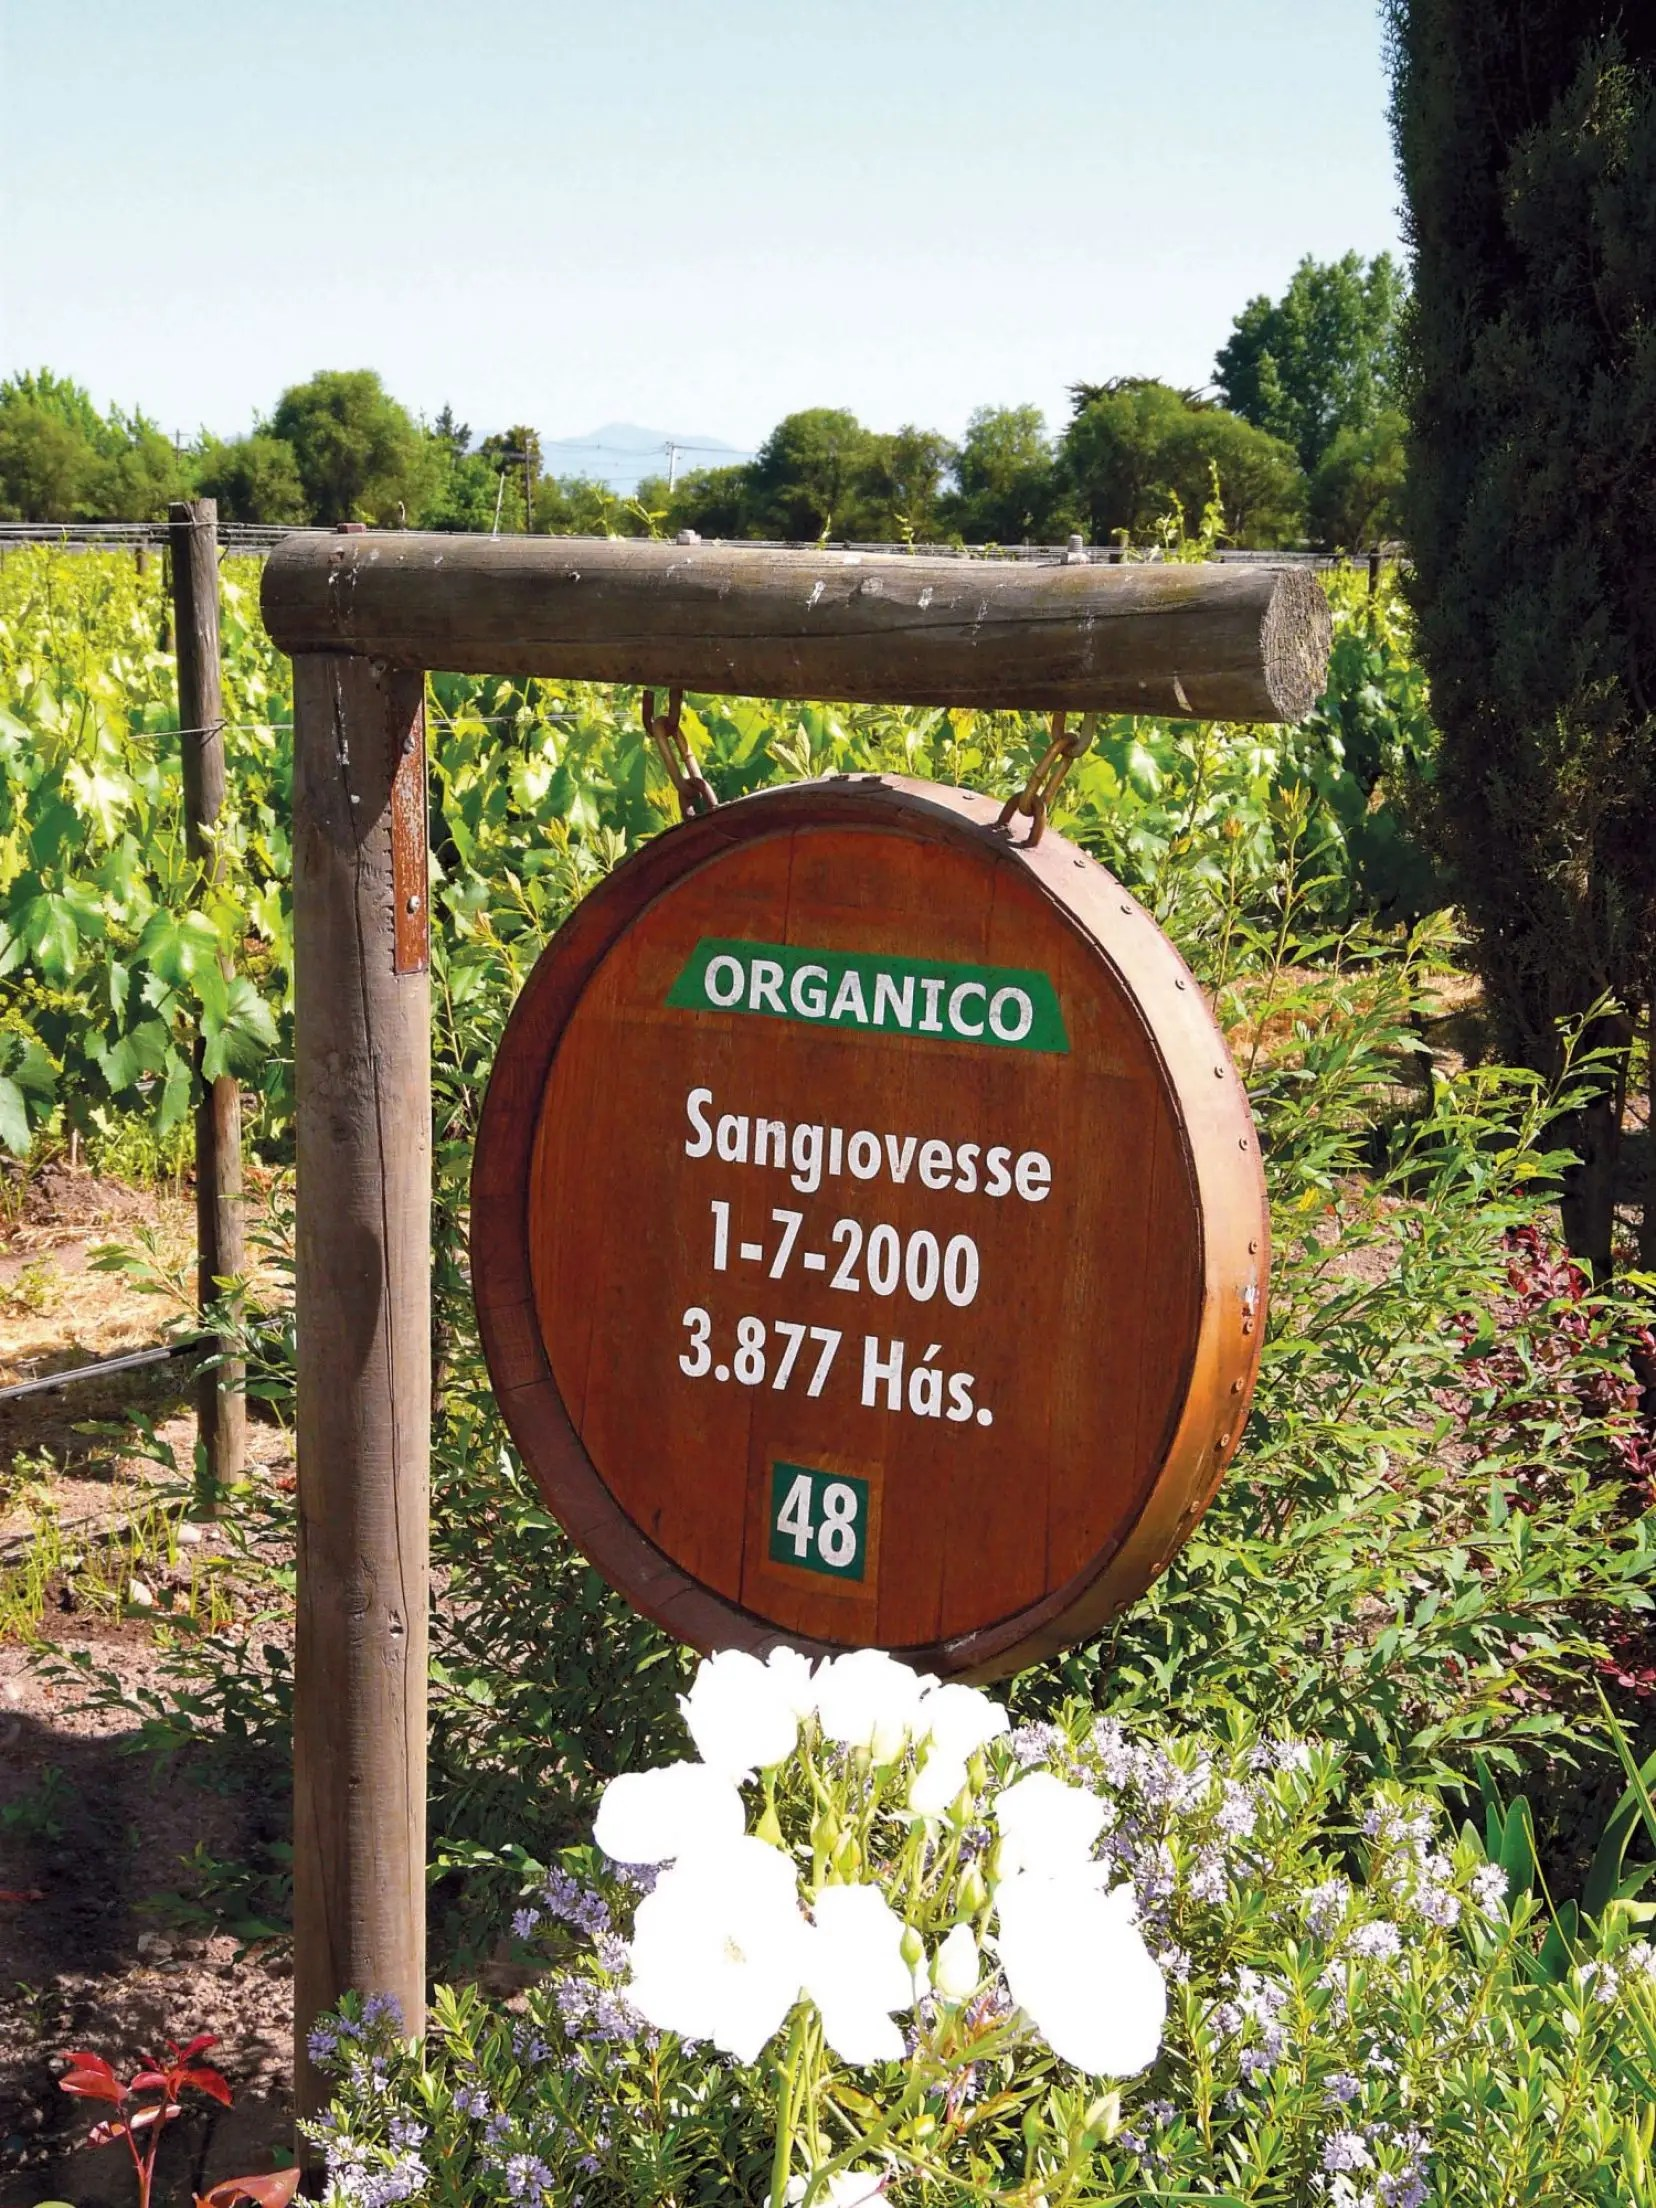 Bouilles De Vignerons Mots Croisés : bouilles, vignerons, croisés, Calme, Naturel!, Devoir